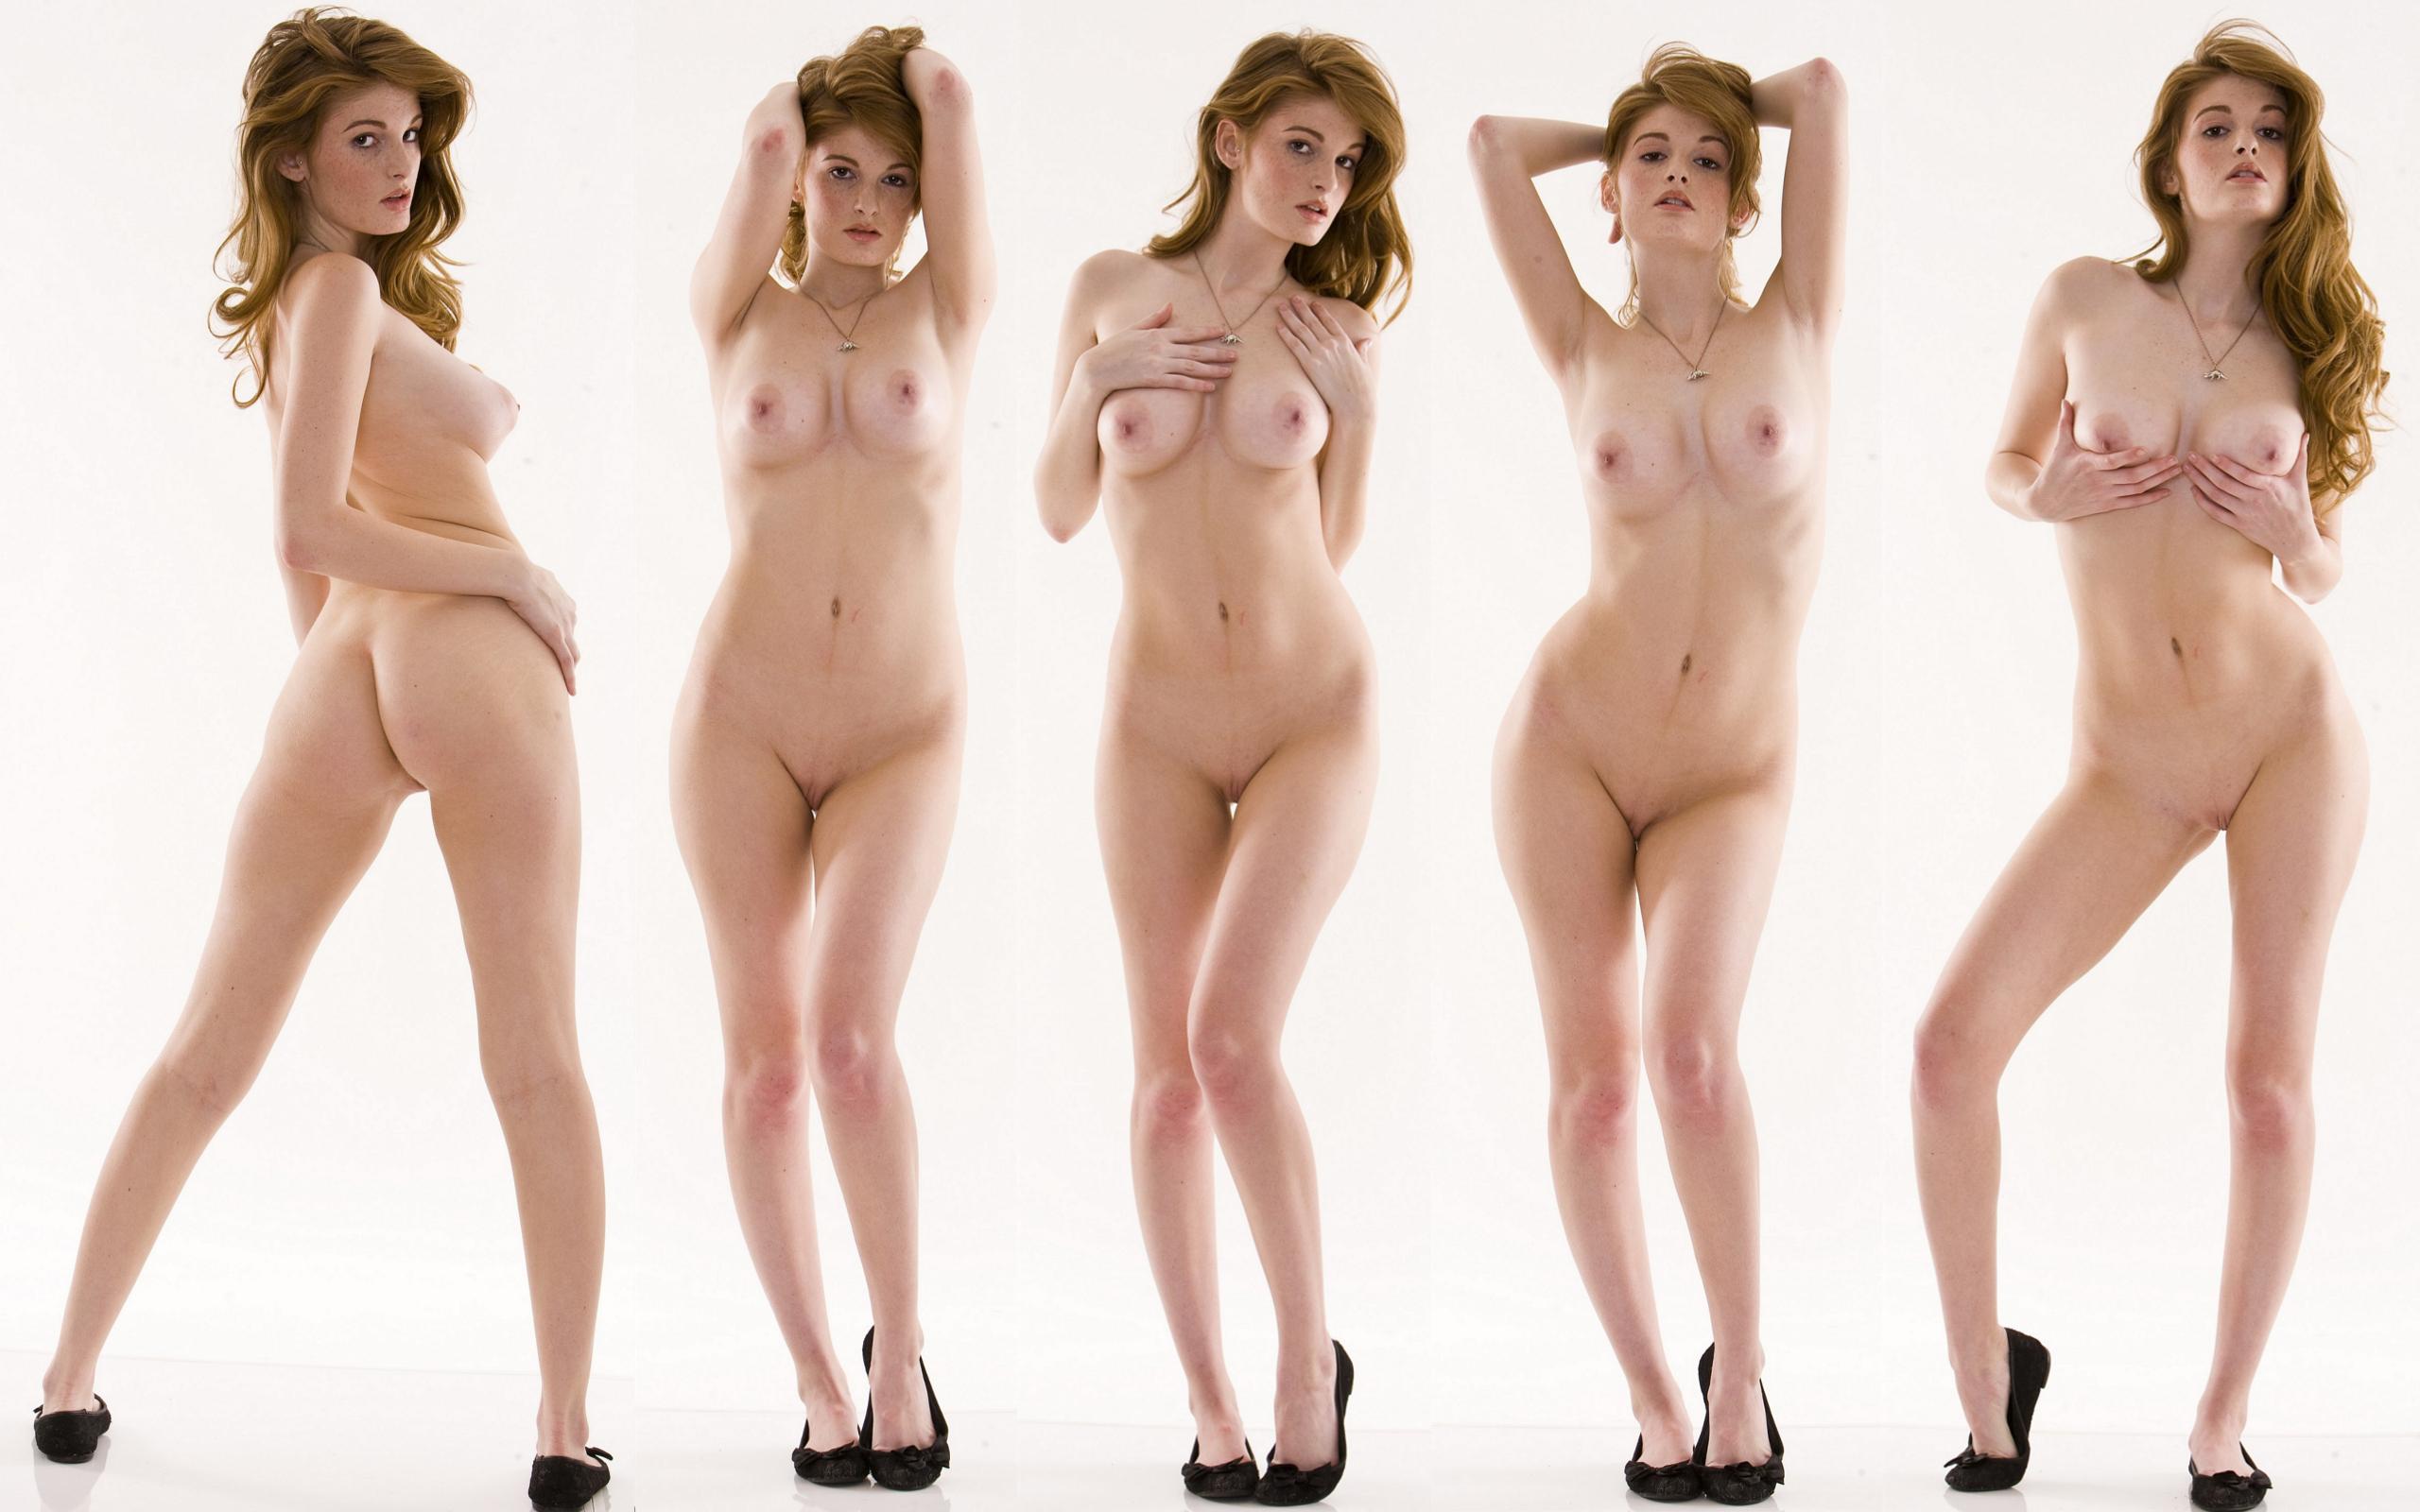 Jennifer white nude pics-4726